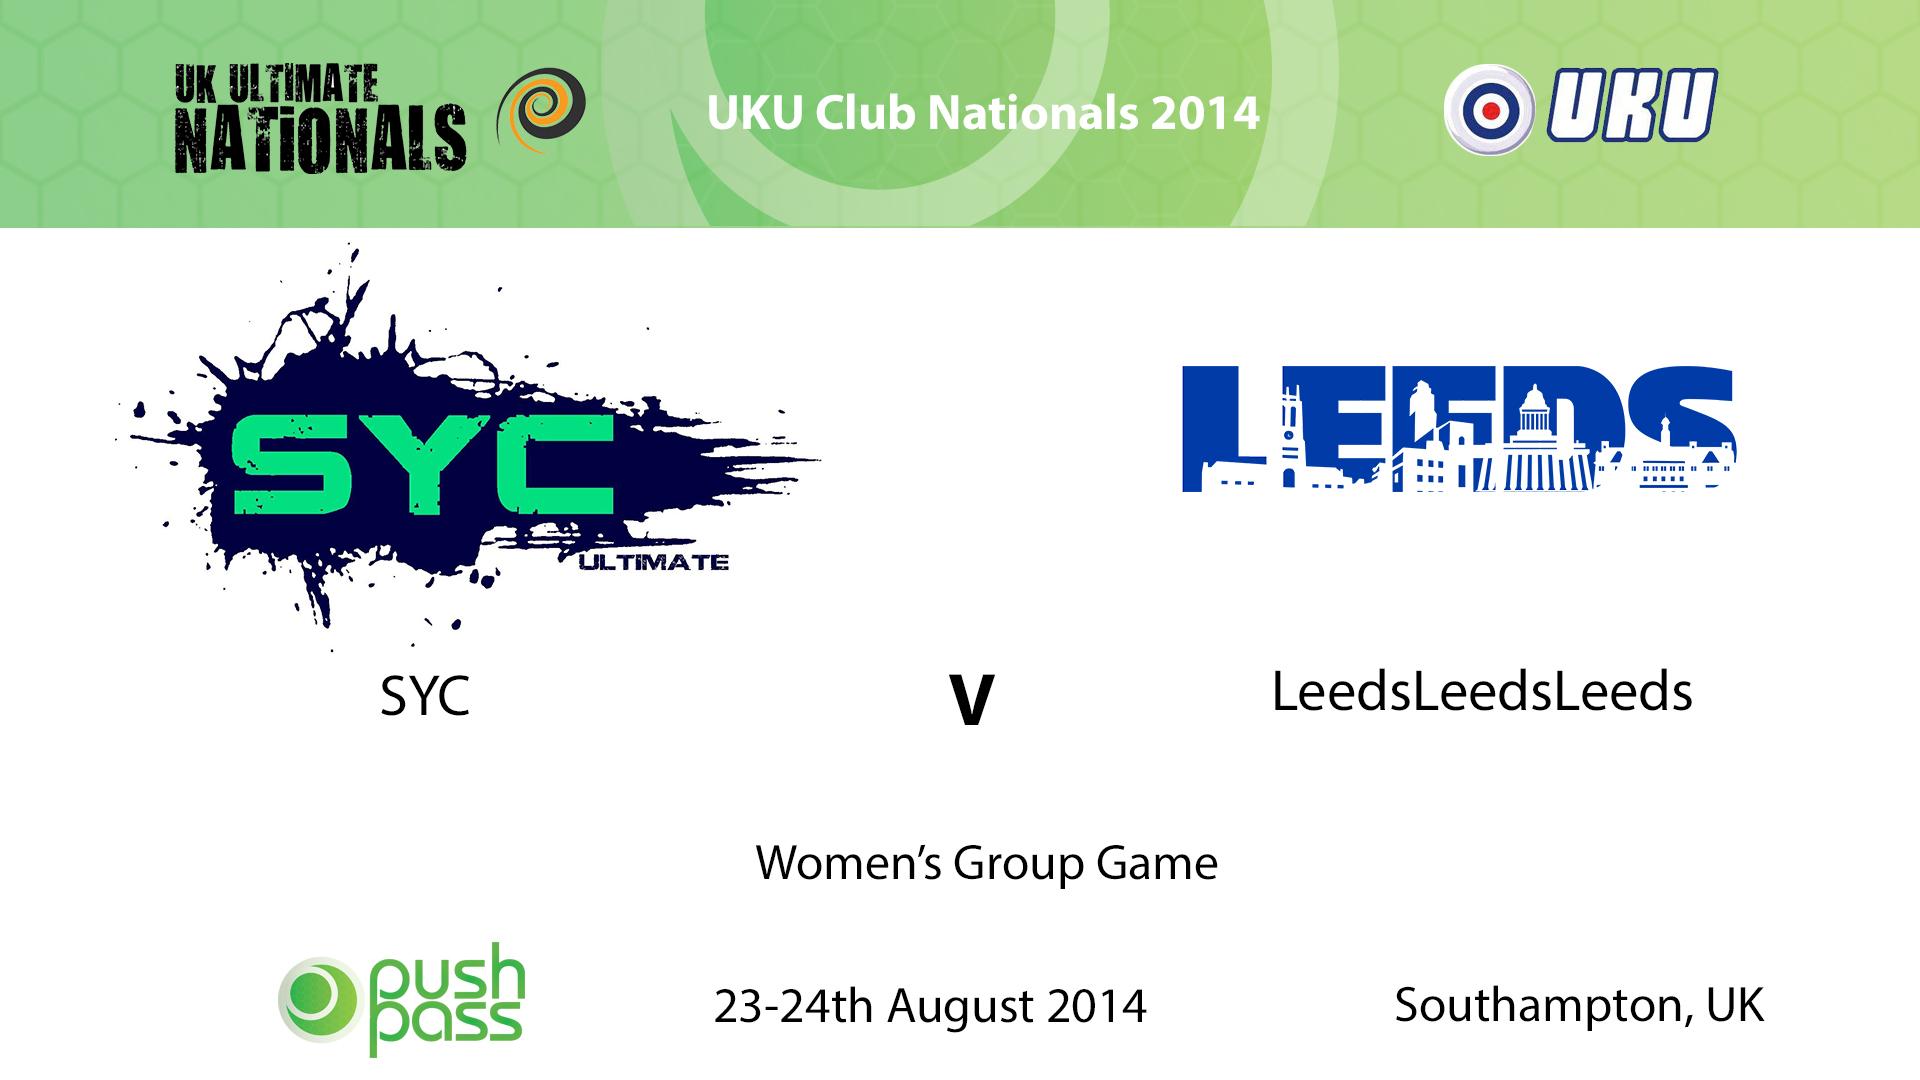 UKU Club Nationals 2014: Women's Group - SYC v Leeds